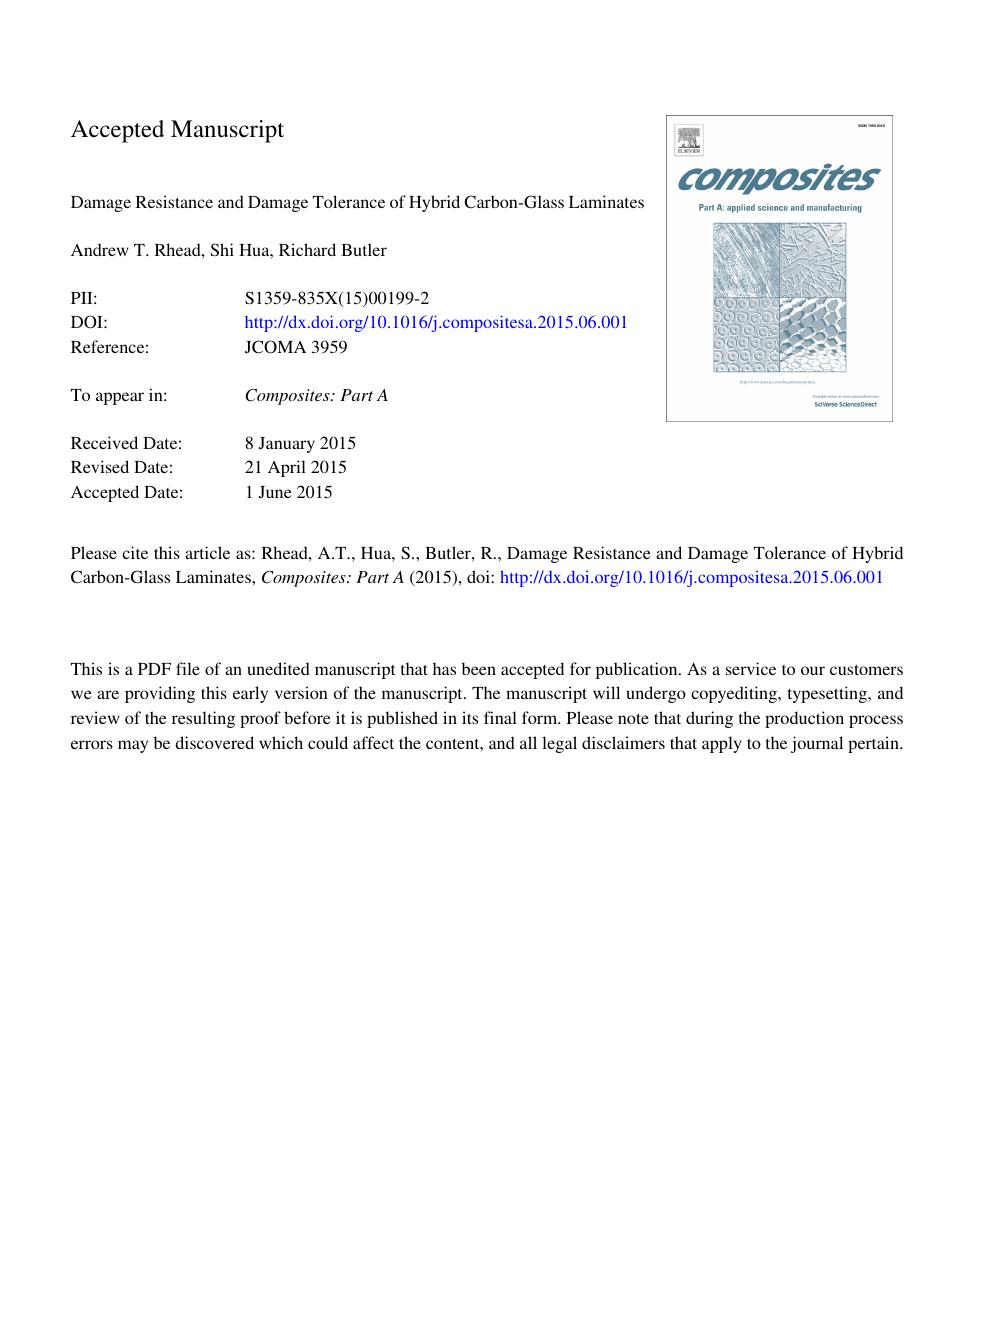 Damage resistance and damage tolerance of hybrid carbon